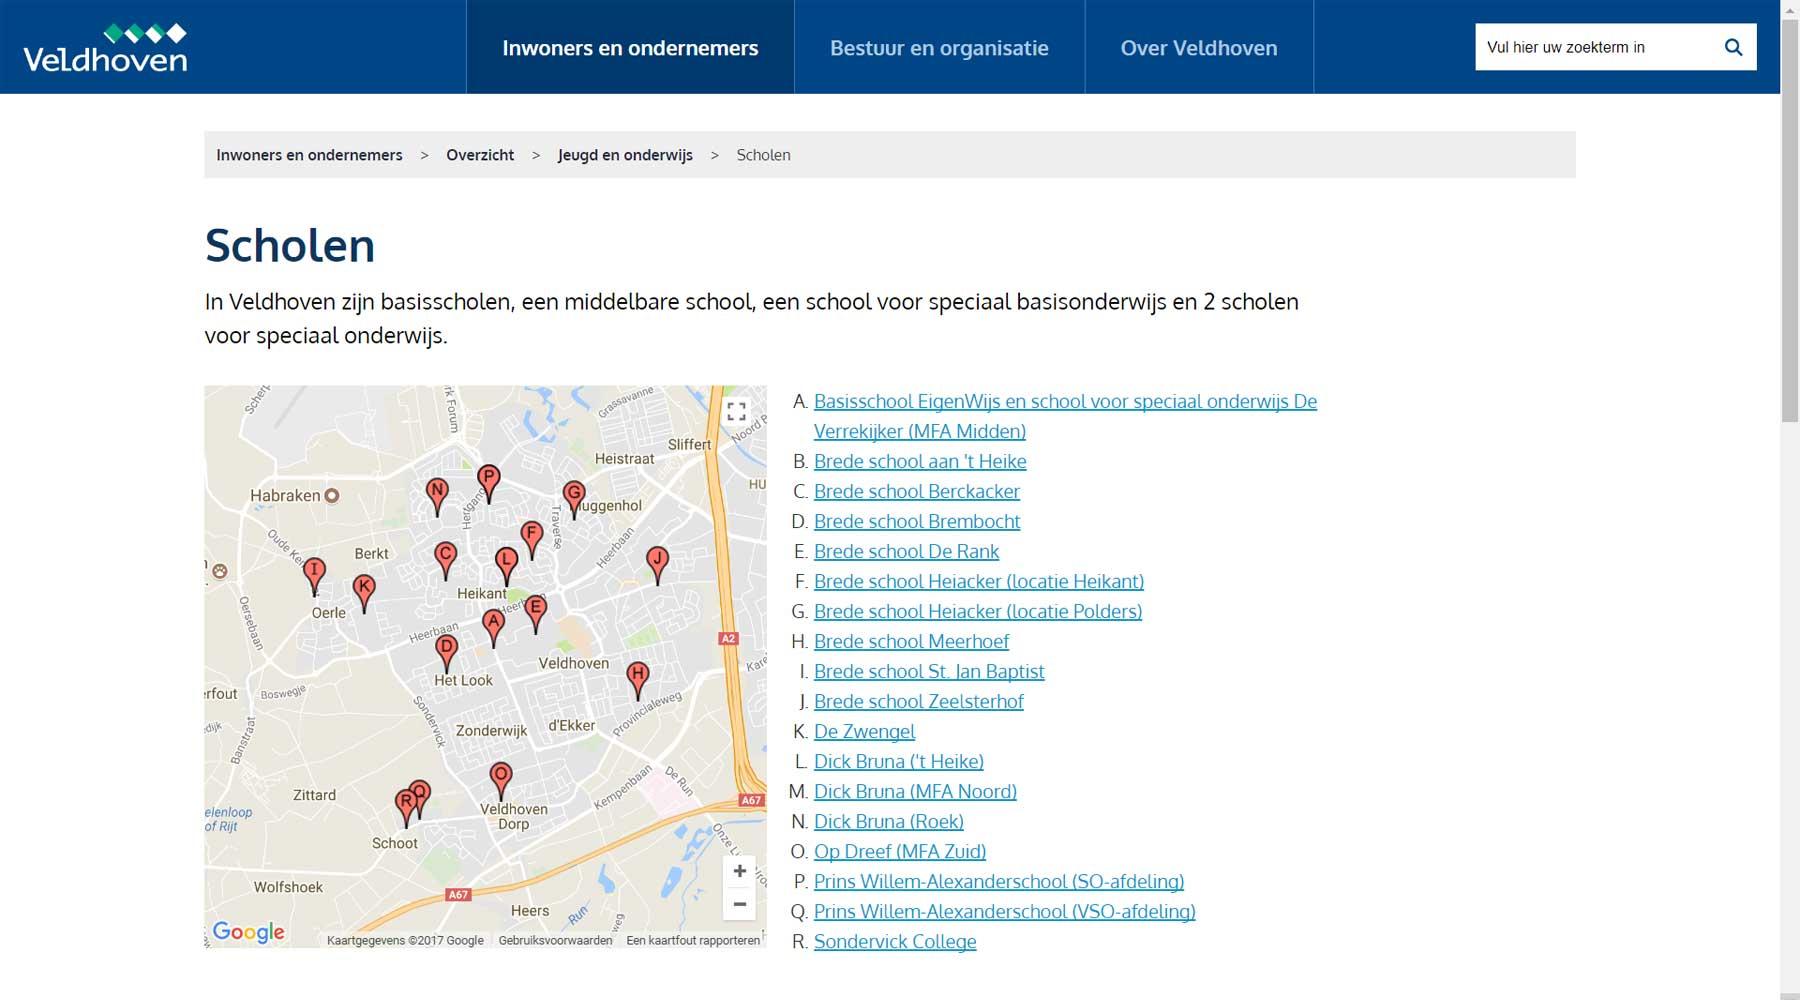 Informatie op kaarten tonen website gemeente Veldhoven | Toptaken website